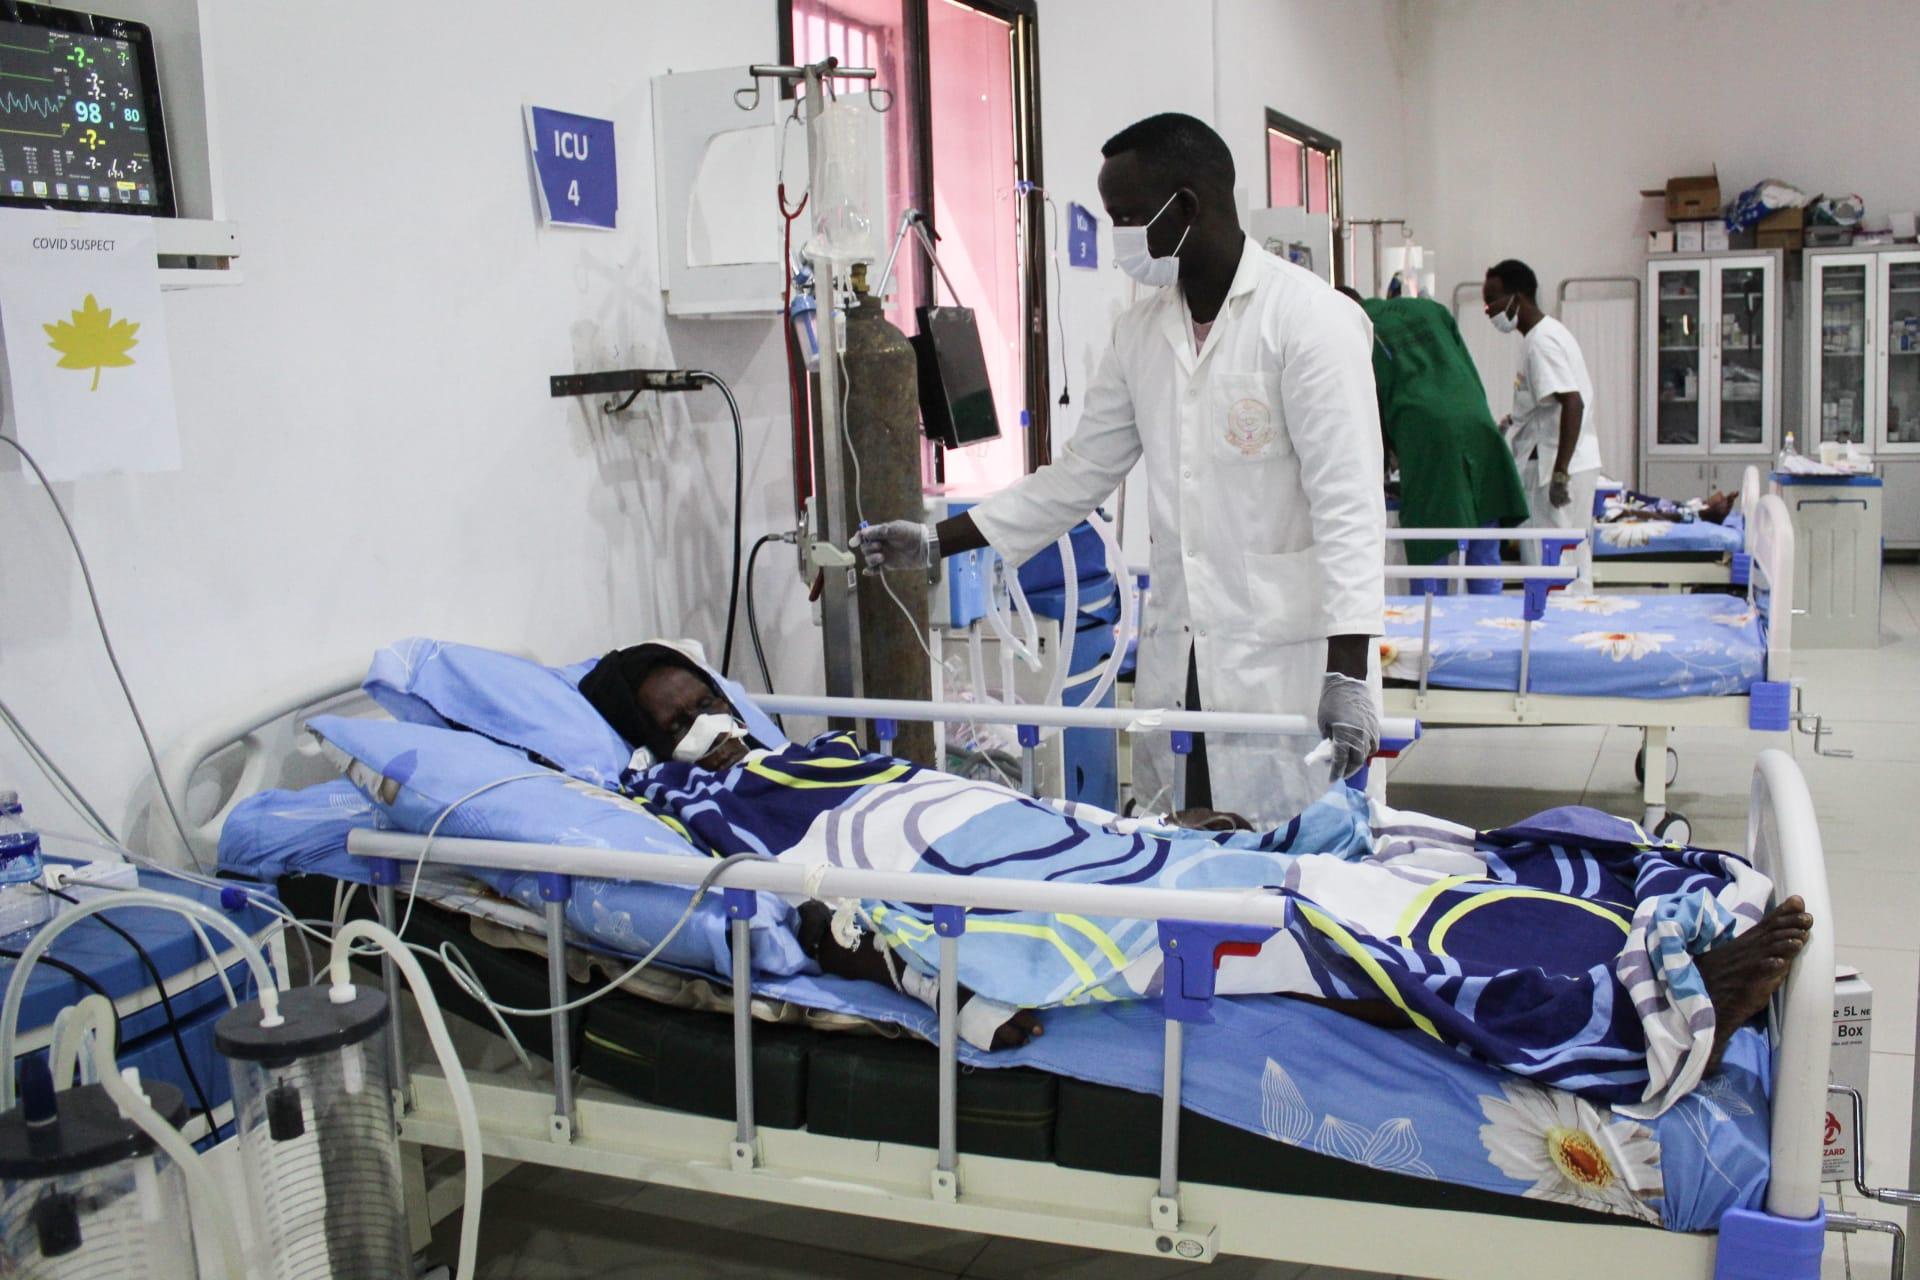 الصحة العالمية تحذر من تخفيف قيود كورونا مع قرب كسر حاجز المليون إصابة في إفريقيا